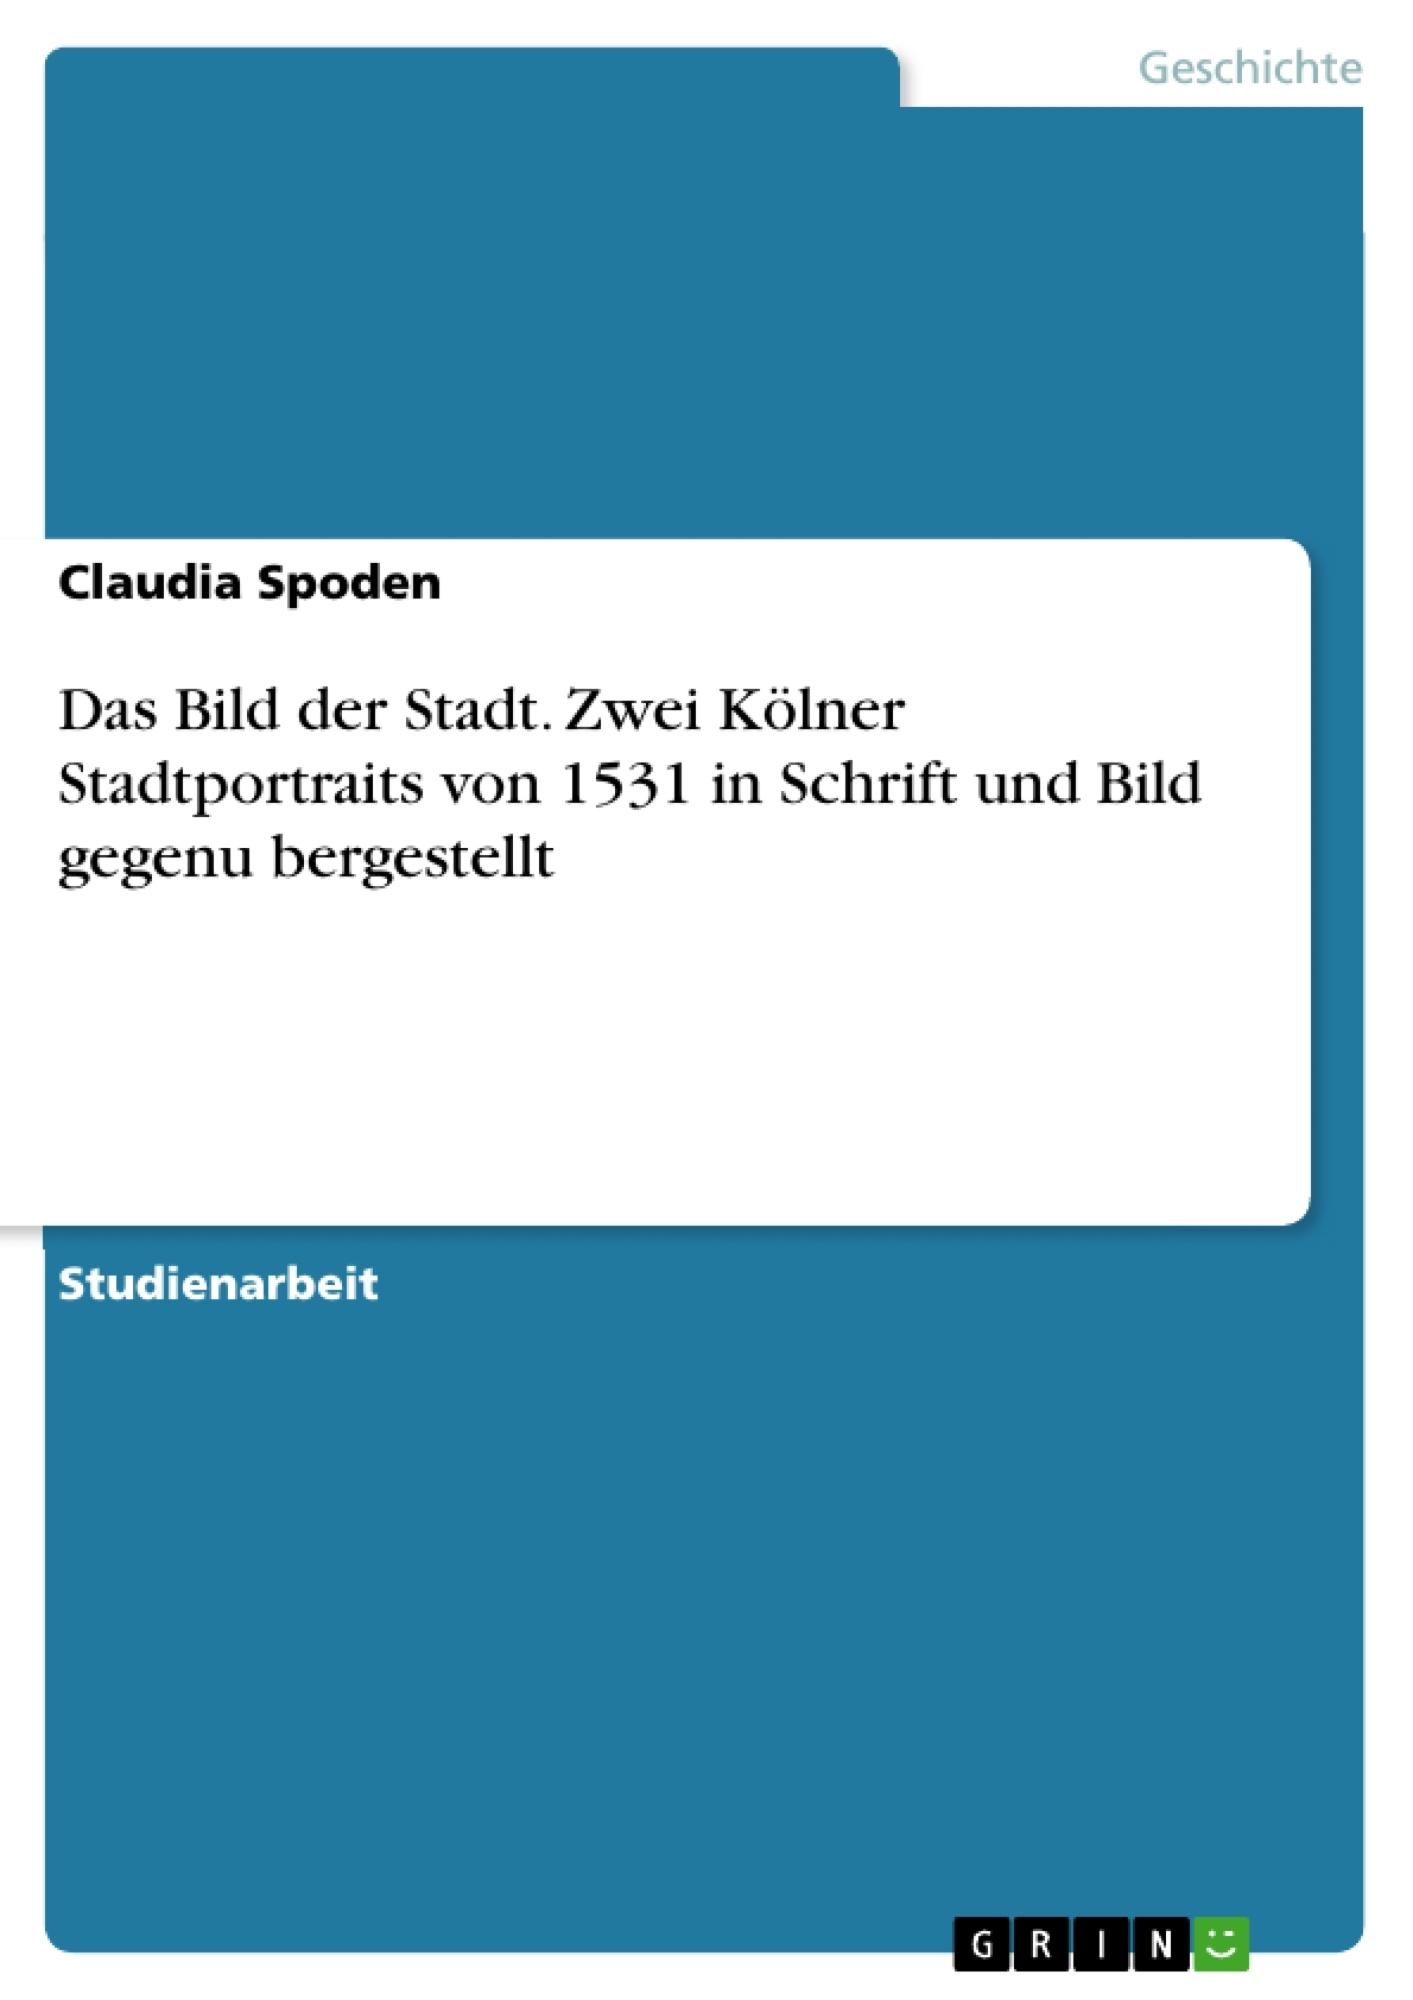 Titel: Das Bild der Stadt. Zwei Kölner Stadtportraits von 1531 in Schrift und Bild gegenübergestellt